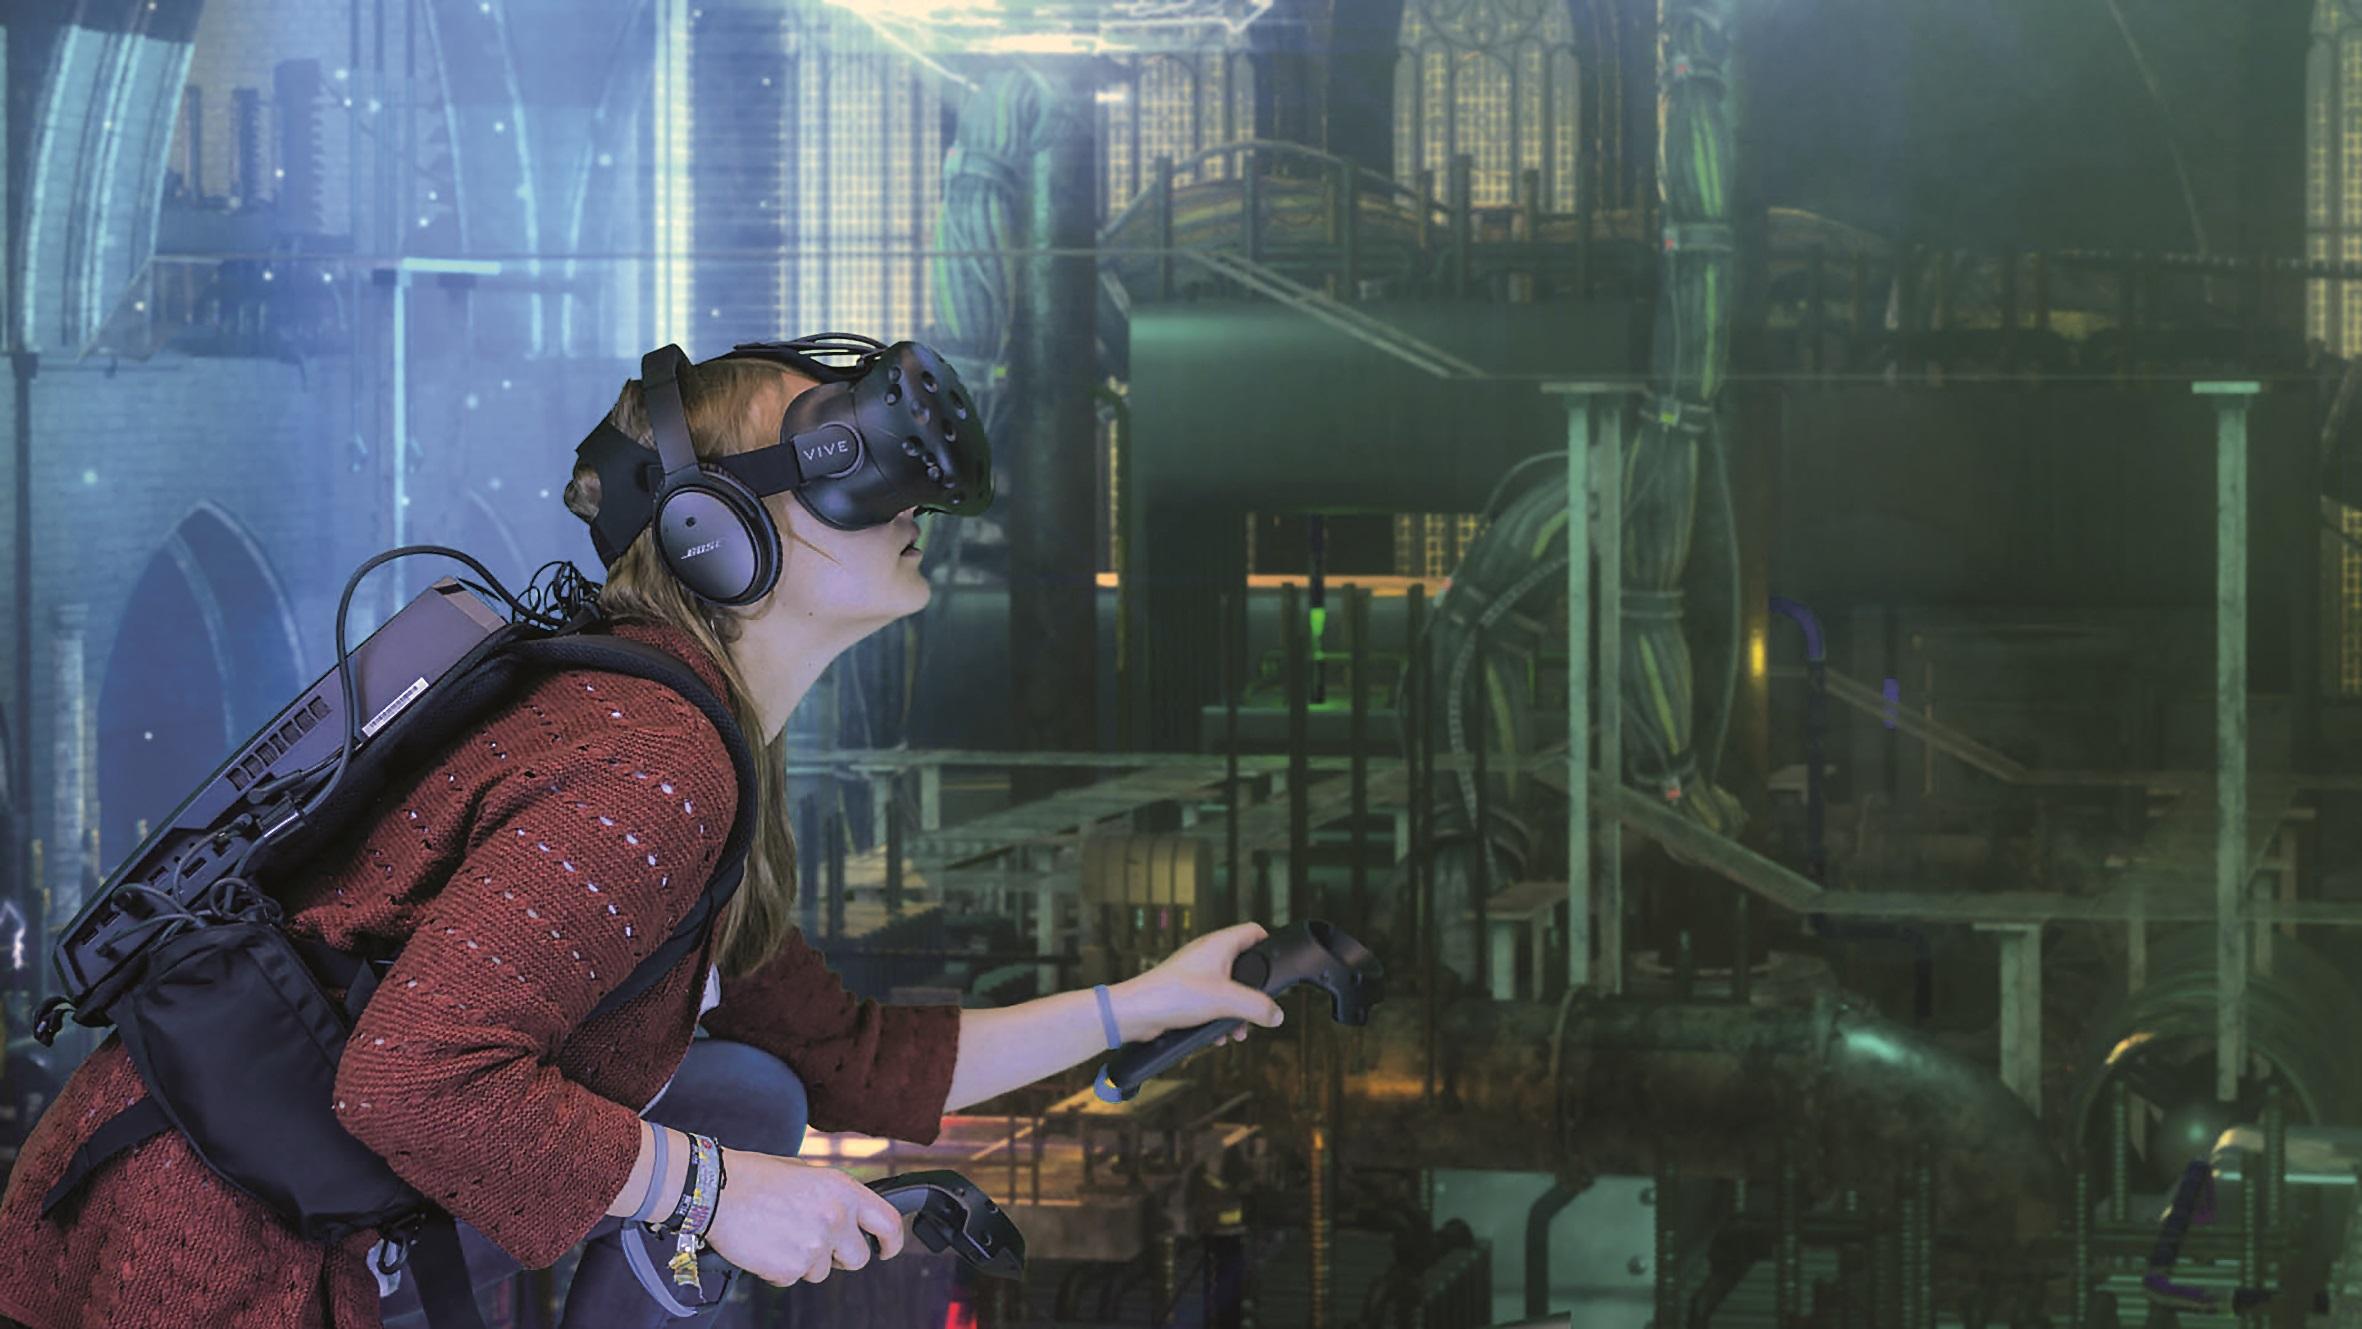 """Ausgerüstet mit einem HTC-Vive-Headset und Controllern, Kopfhörern sowie einem Backpack mit XMG-Walker-Rucksackrechnern können bis zu vier Gamer """"Huxley"""" gemeinsam spielen."""